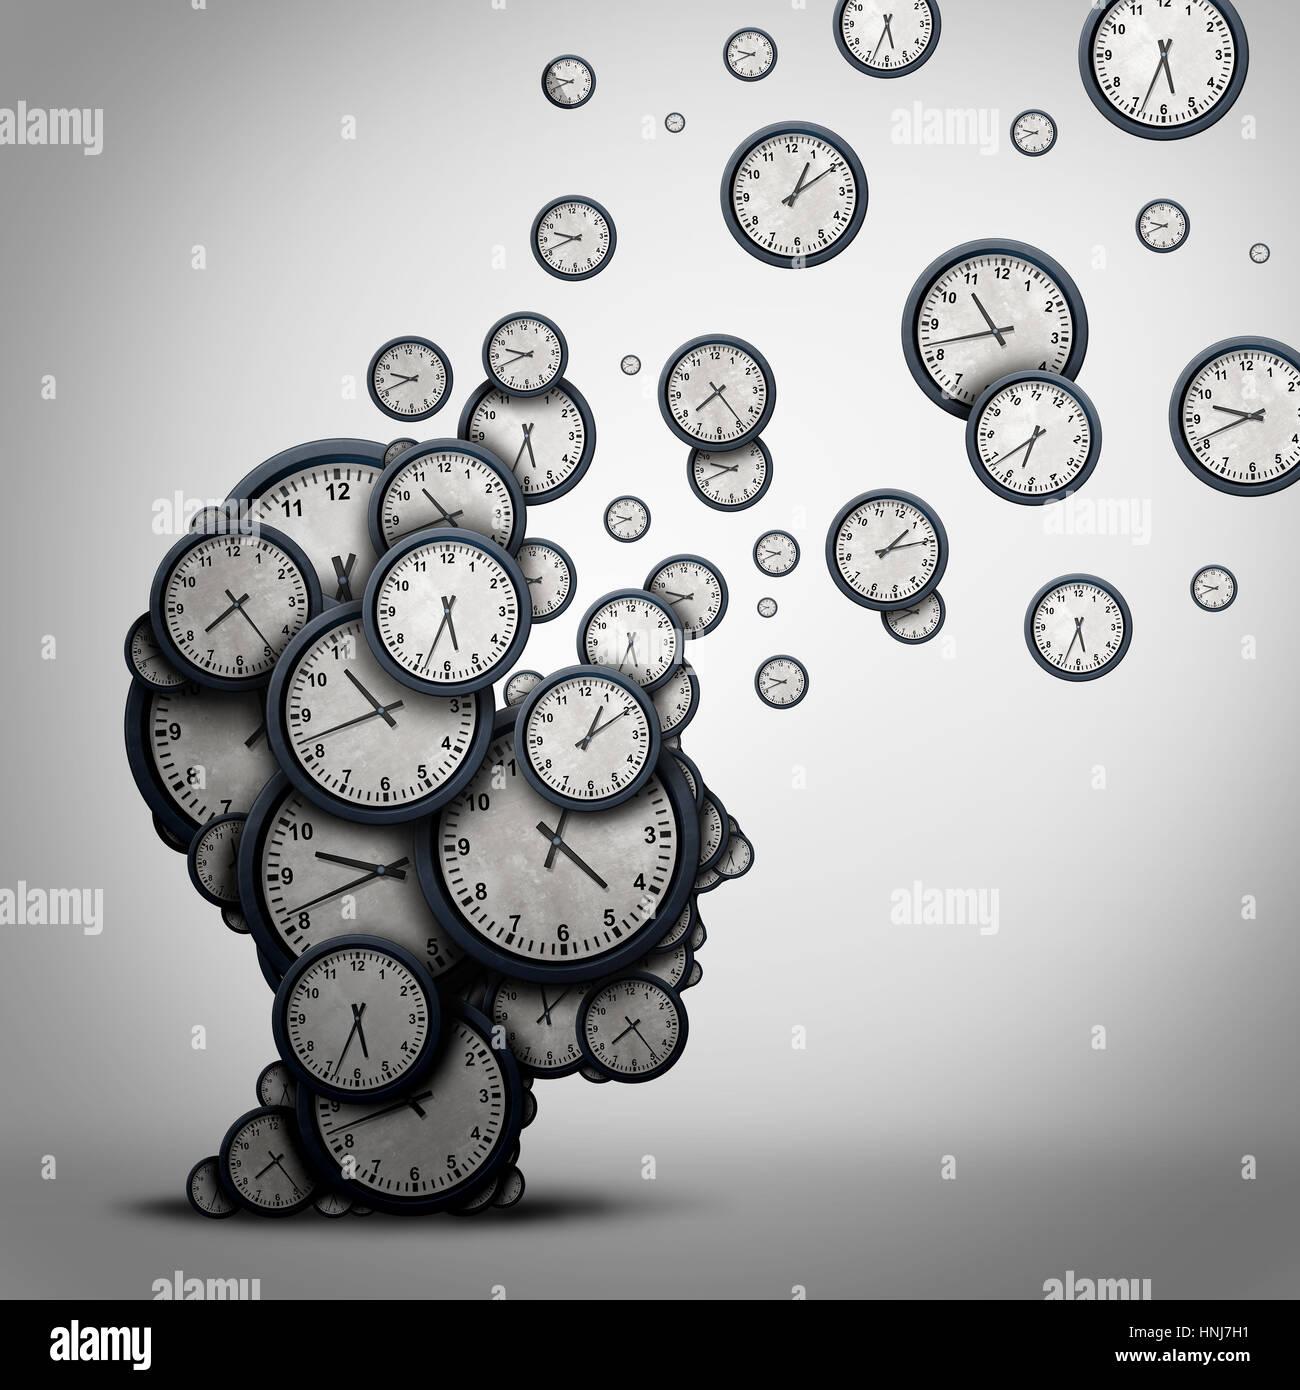 Planung Zeit Geschäftskonzept oder verschwenden Minuten als eine Gruppe von Uhren oder Uhren in Form eines Stockbild